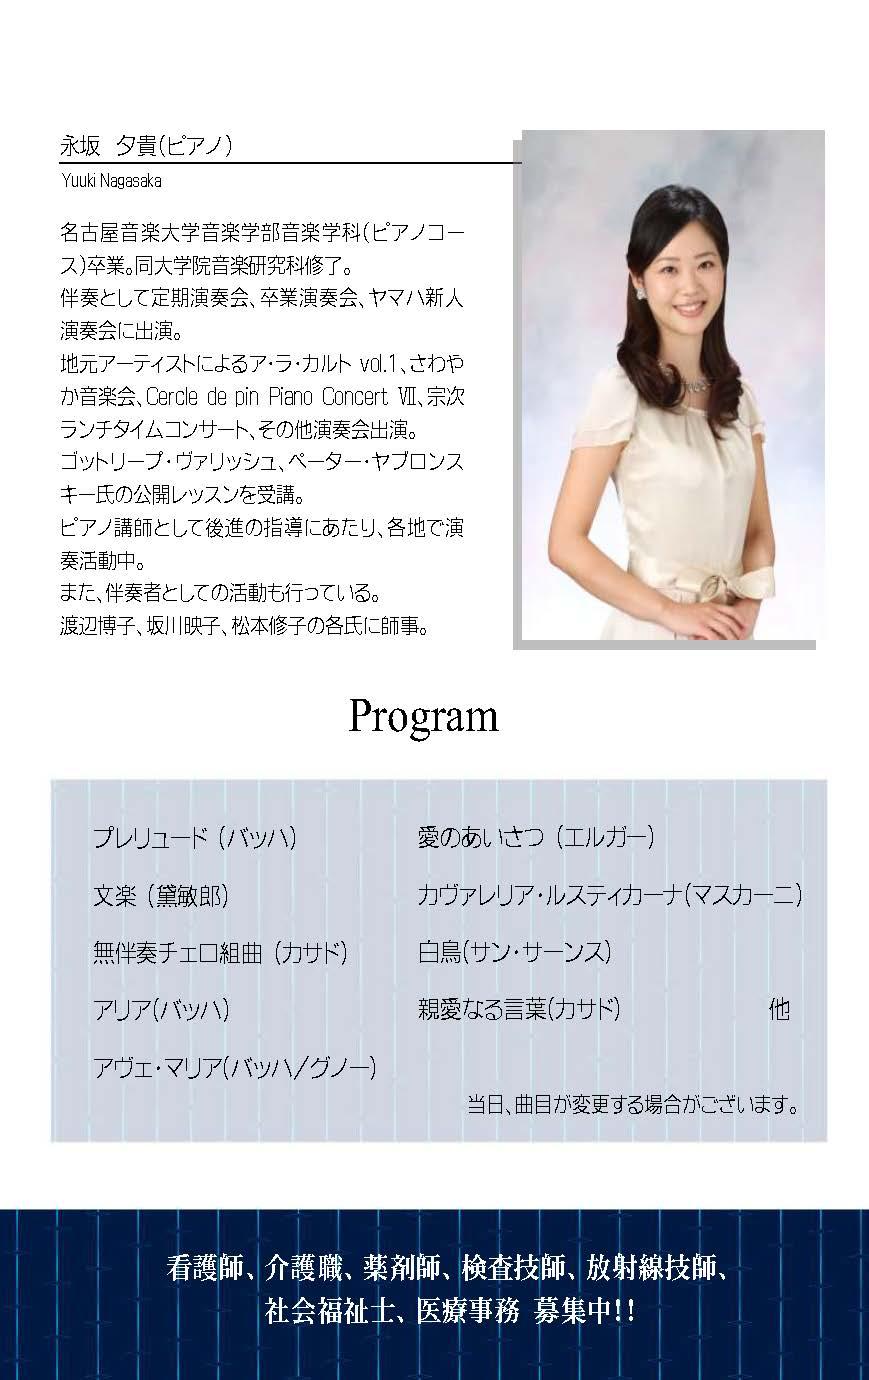 H29.11.7.藤村俊介 チェロコンサート ページ 2